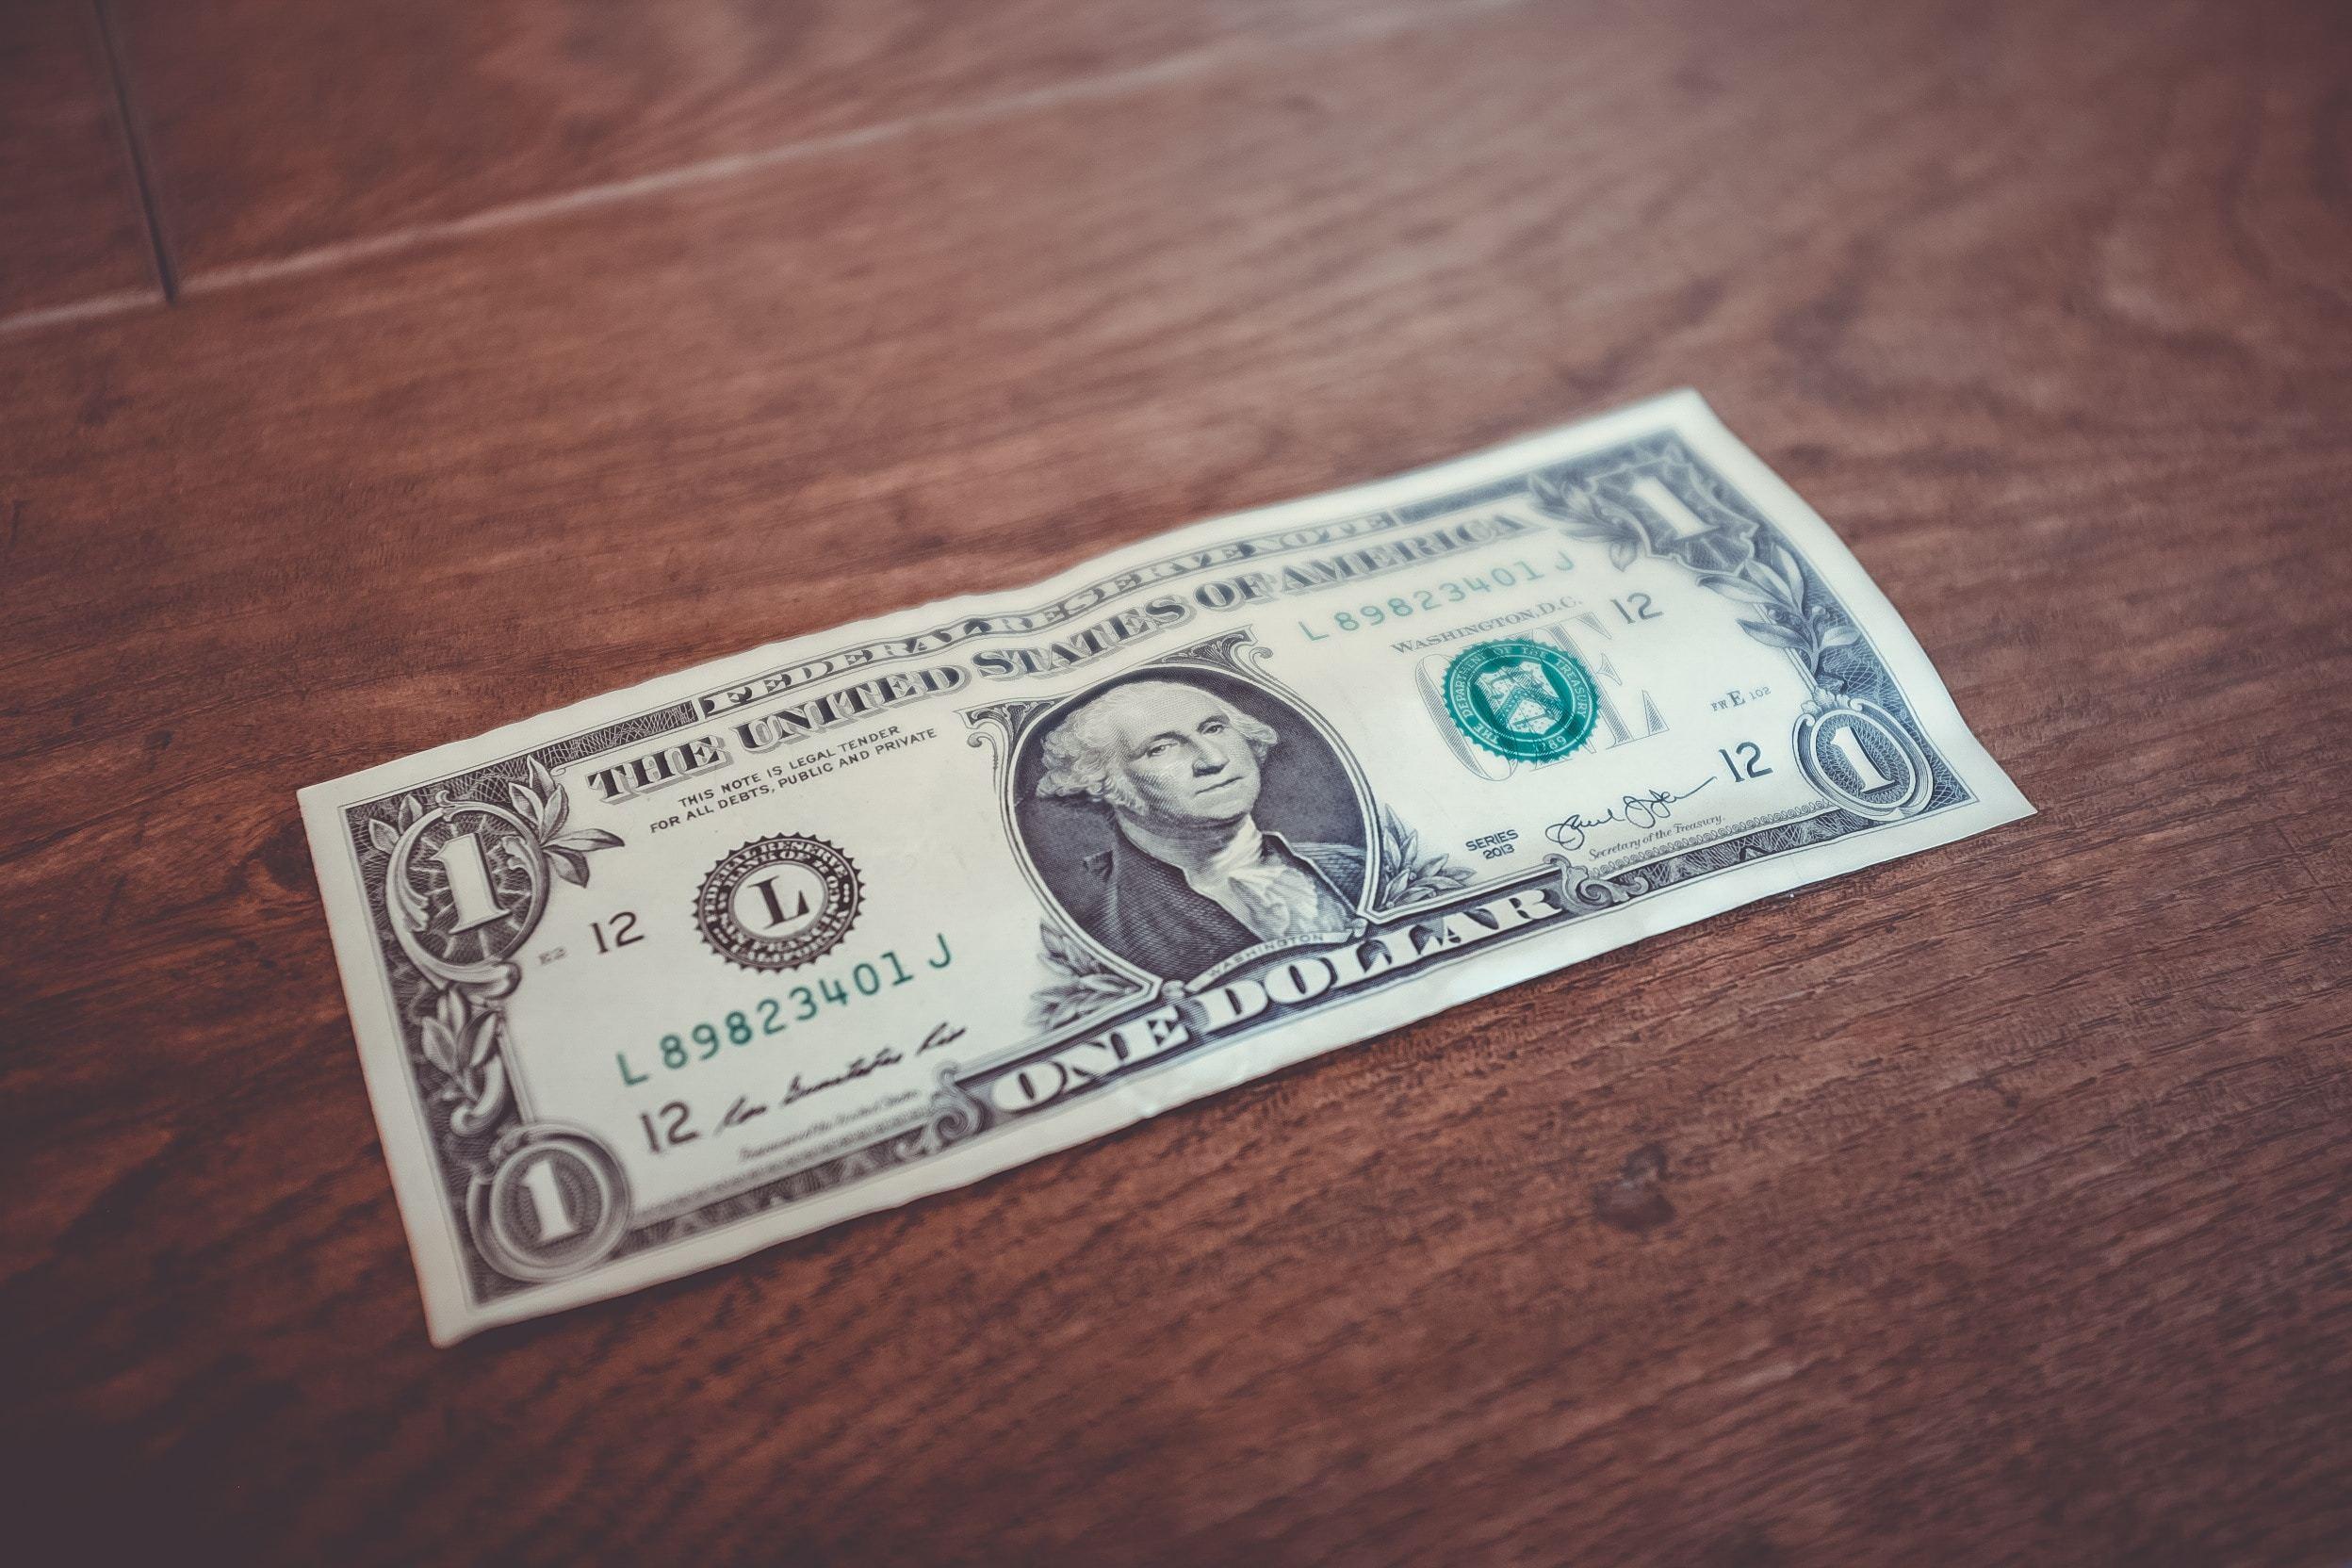 払込取扱票はコンビニ・ATMでも受付可能?書き方・支払方法や手数料も紹介!